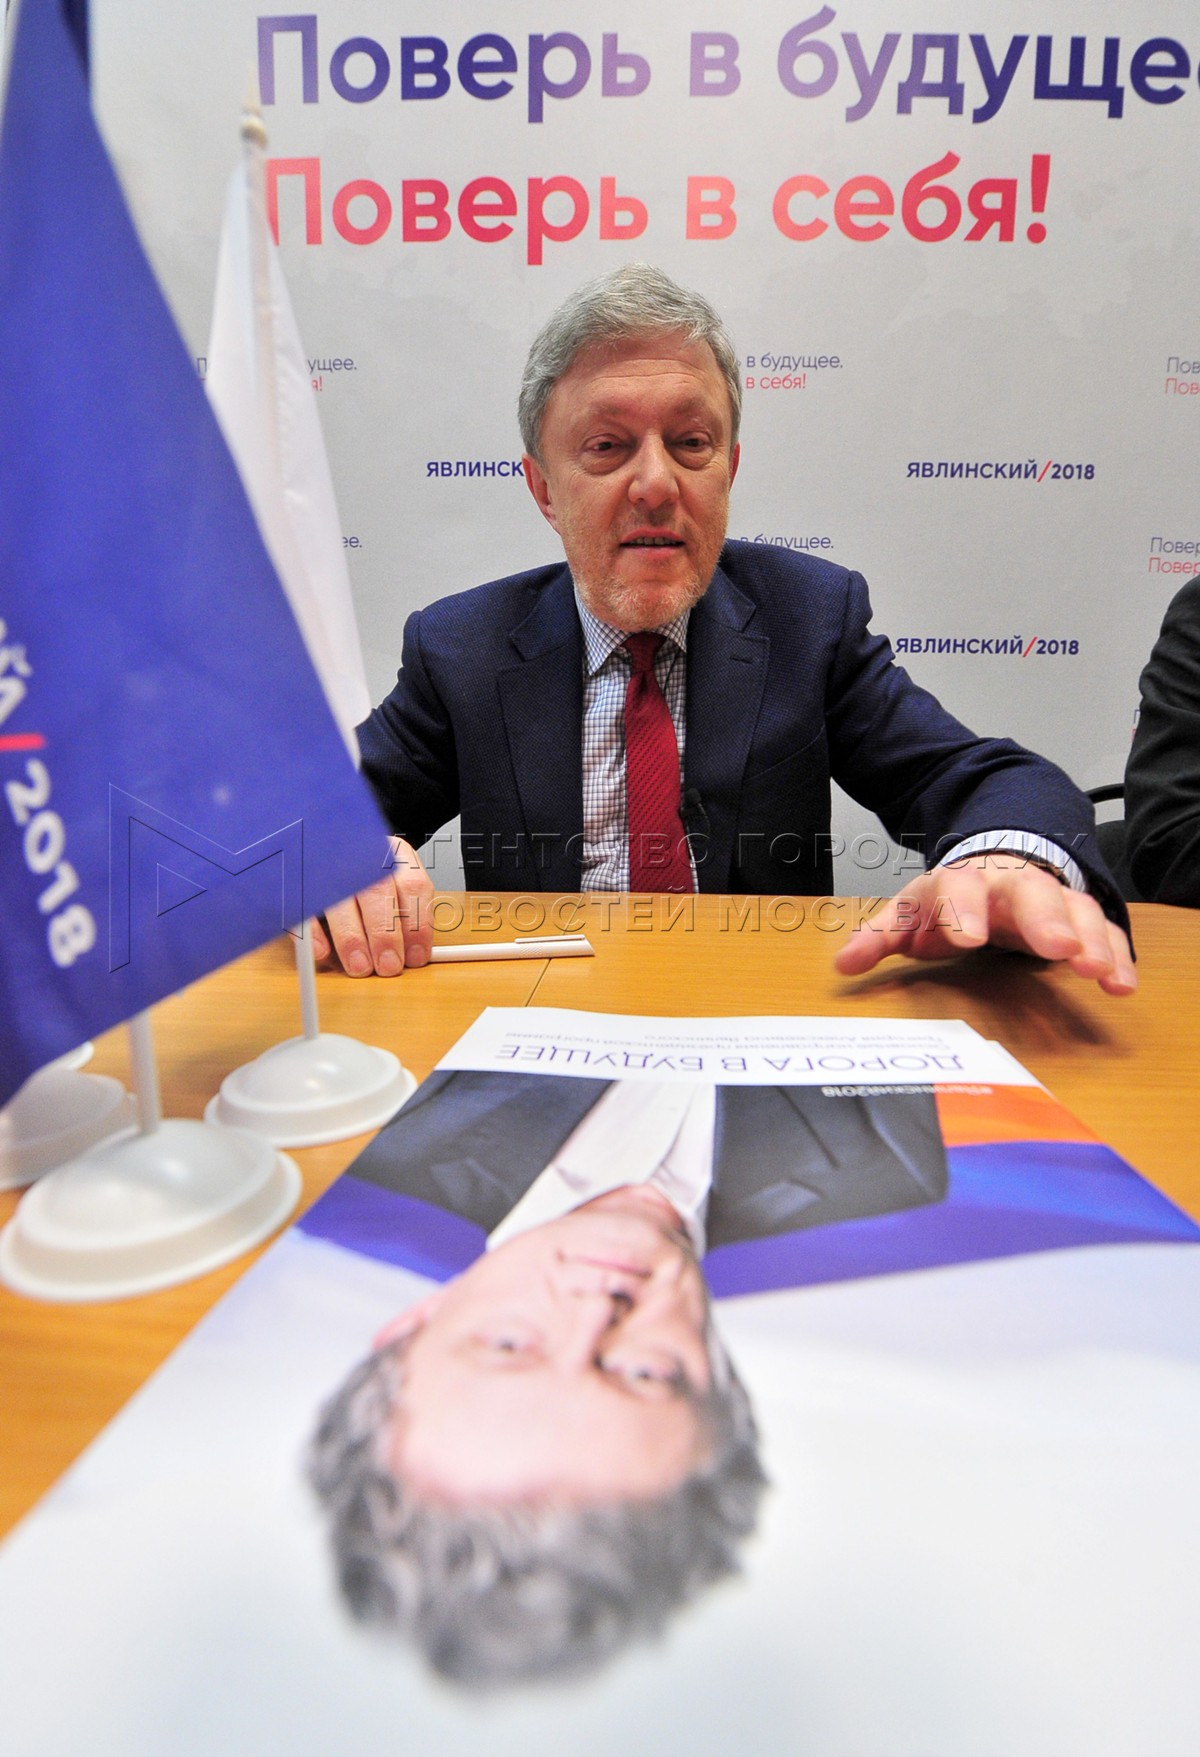 Кандидат в президенты РФ Григорий Явлинский во время работы его избирательного штаба на ул. Пятницкая